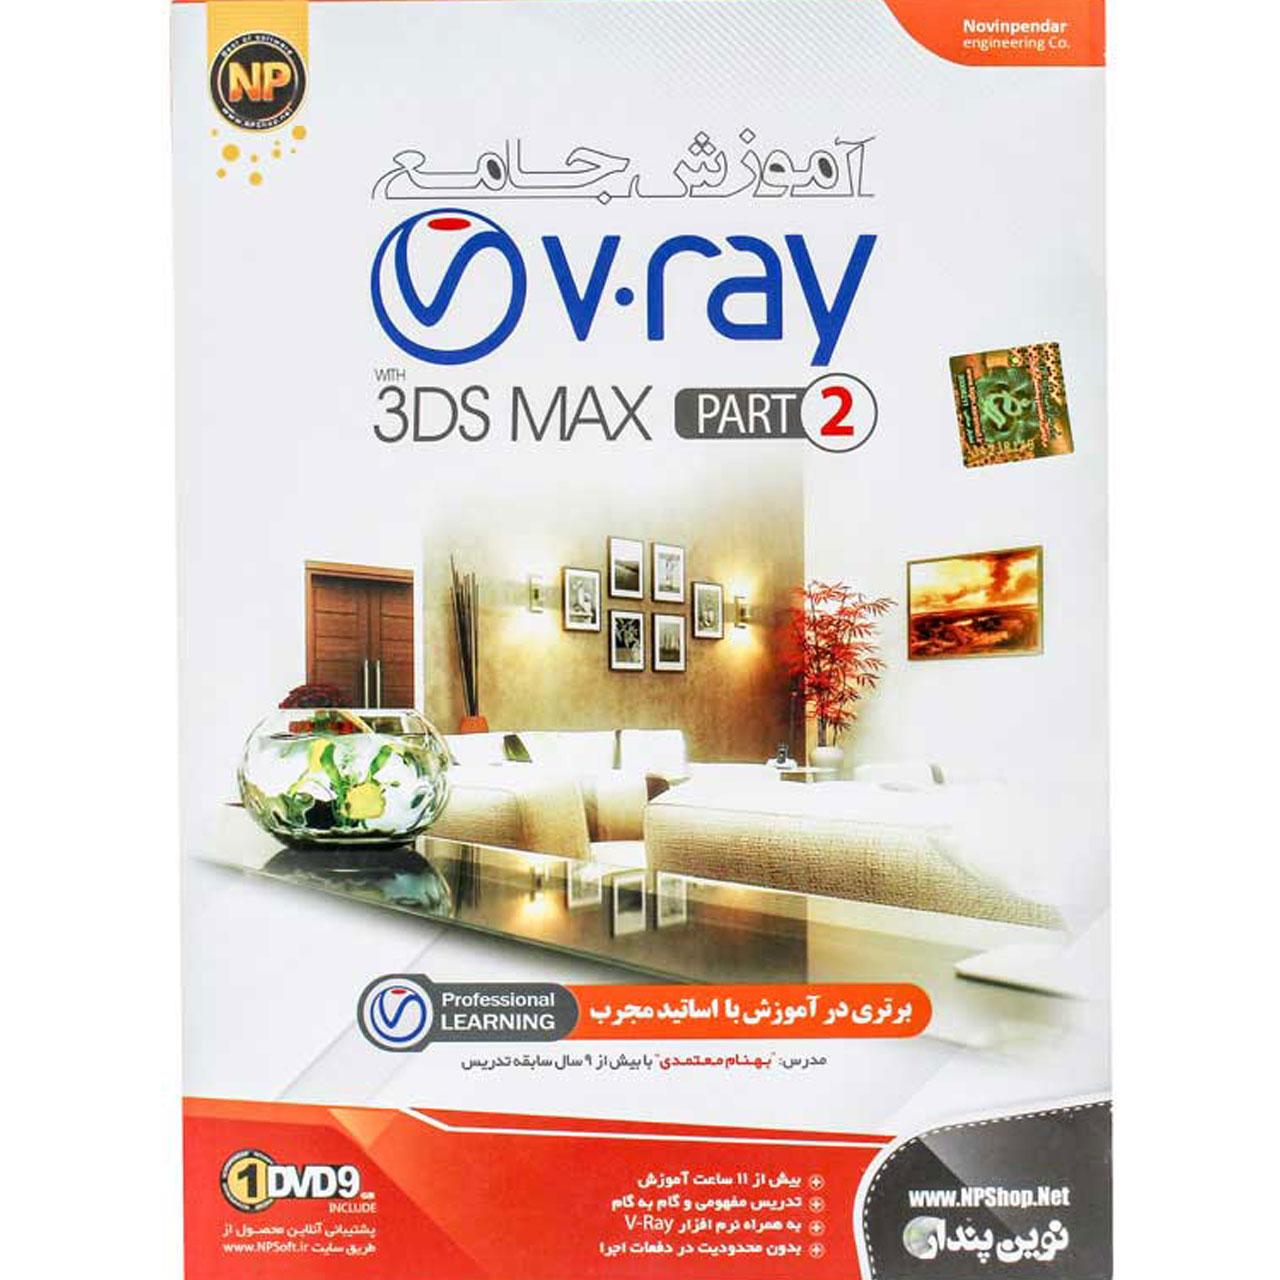 آموزش جامع V ray به همراه 3DS MAX مجموعه دوم نشر نوین پندار